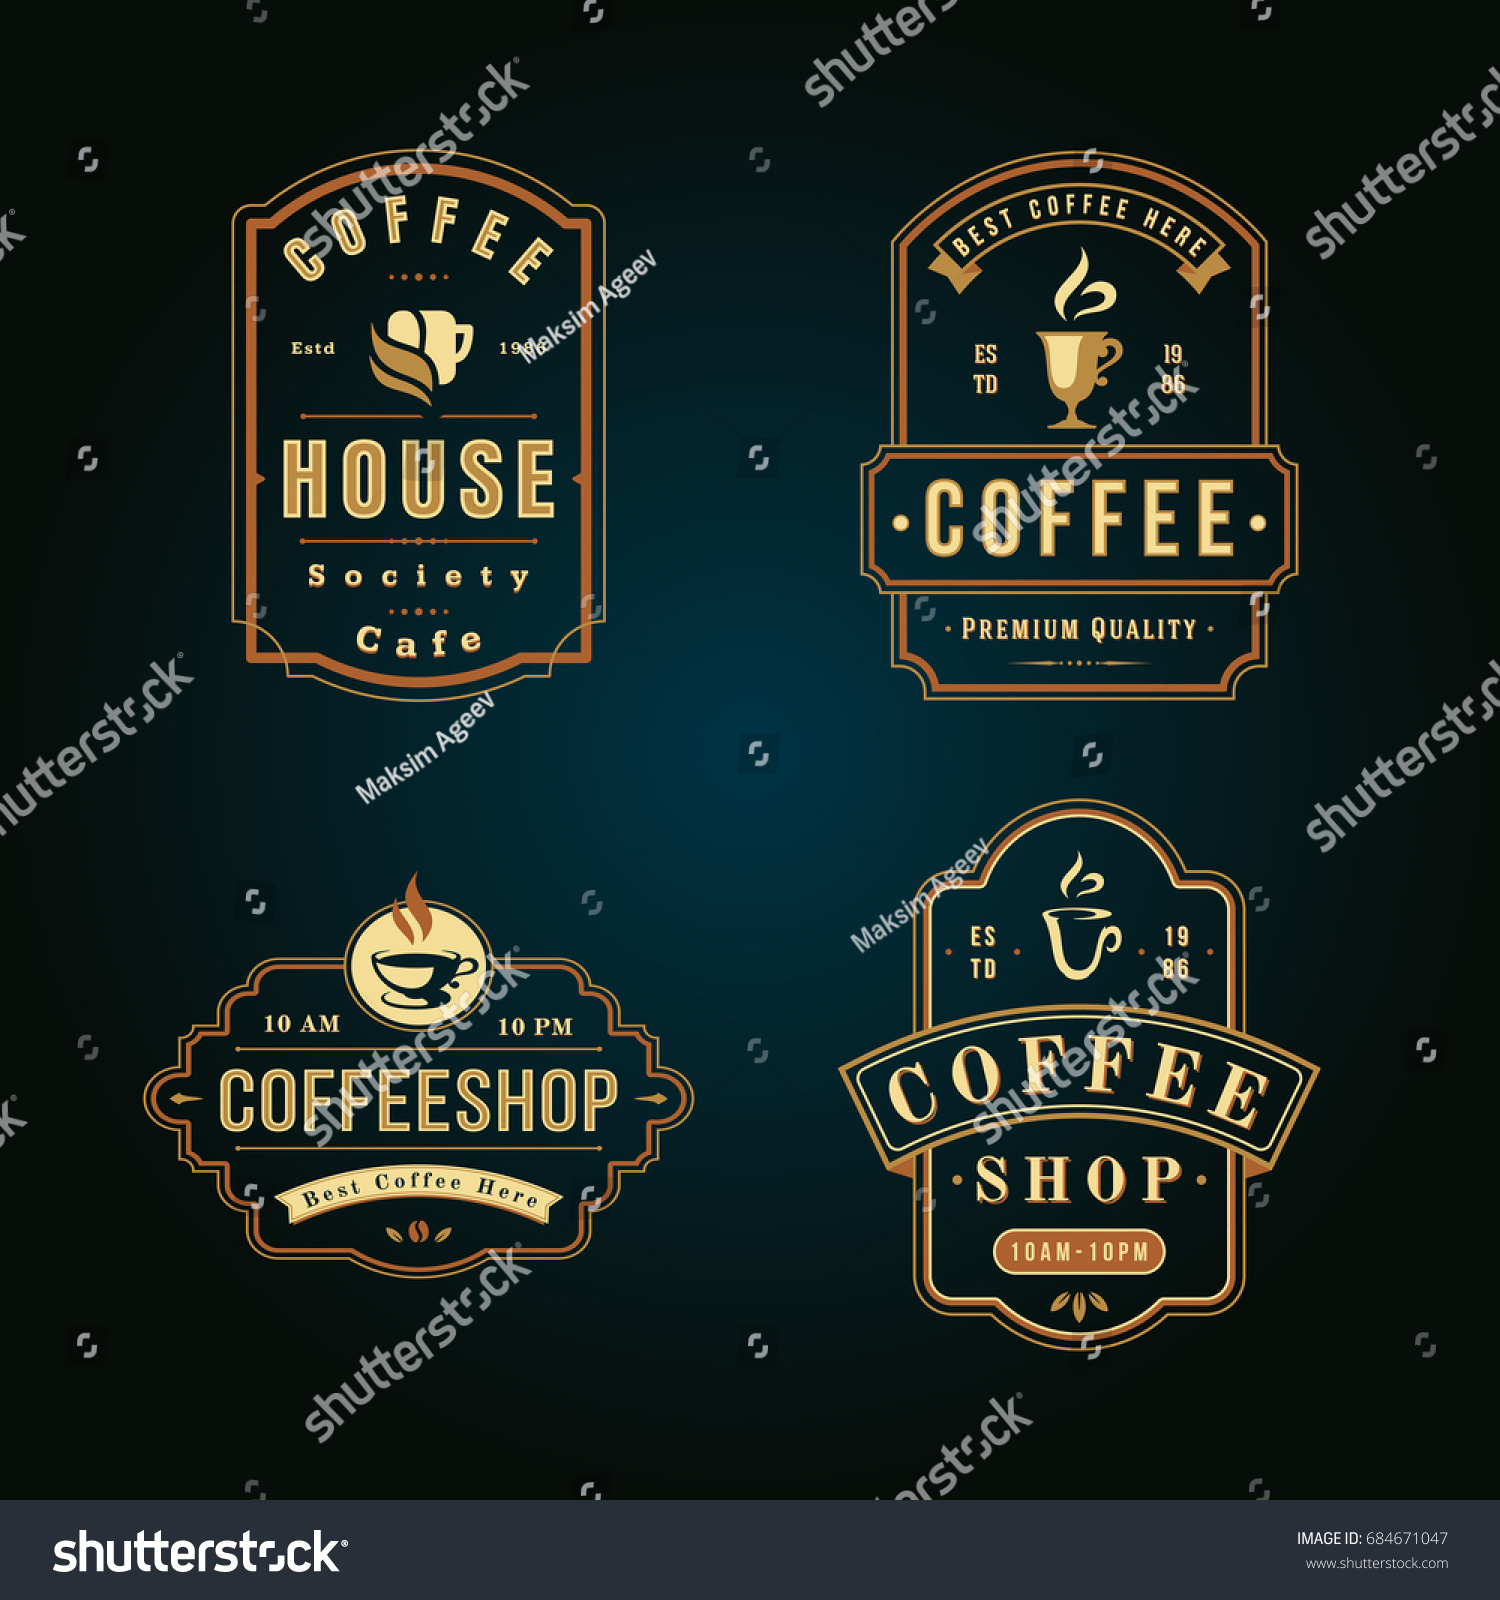 Vector De Stock Libre De Regalias Sobre Colorful Coffee Shop Logo Design Element684671047